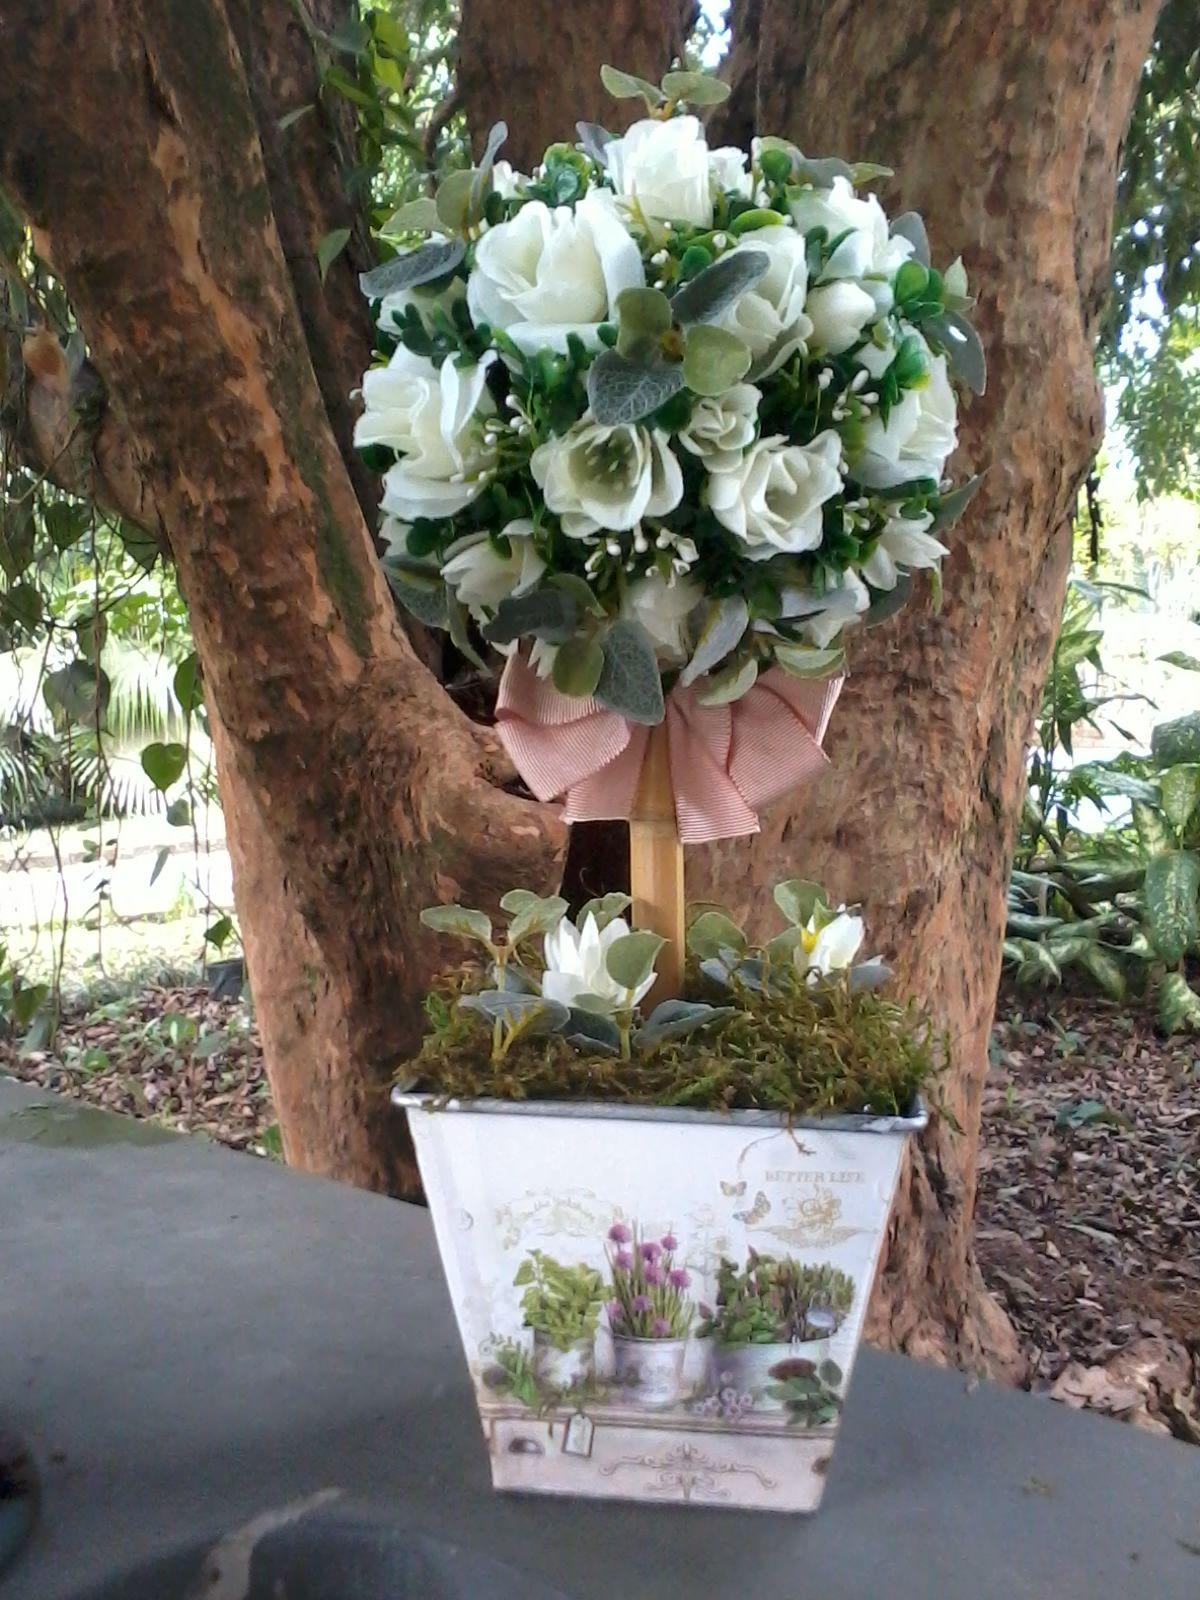 Maravilhas de Elke: Topiárias com flores artificiais